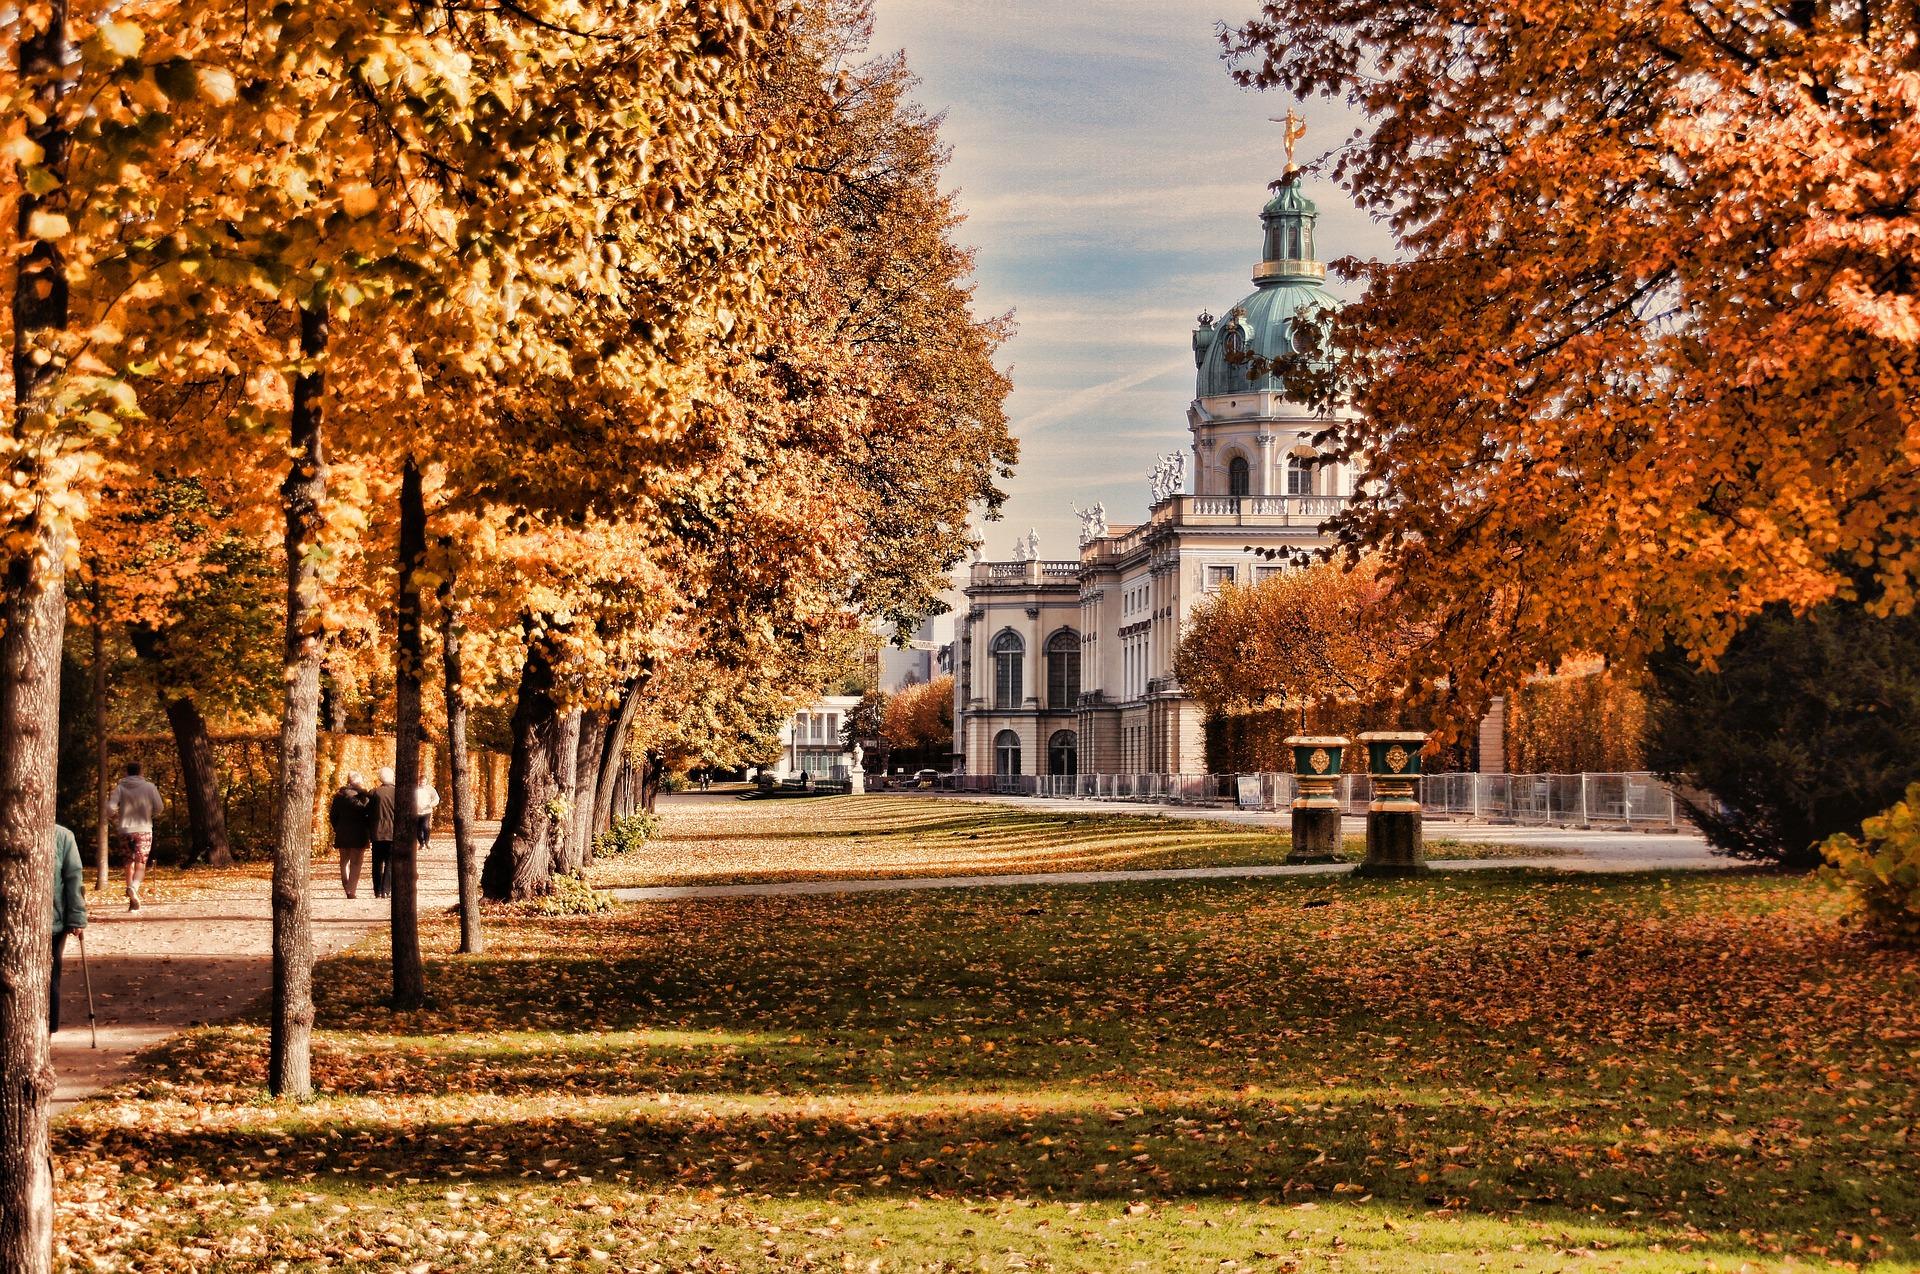 Berlin Charlottenburg Palace